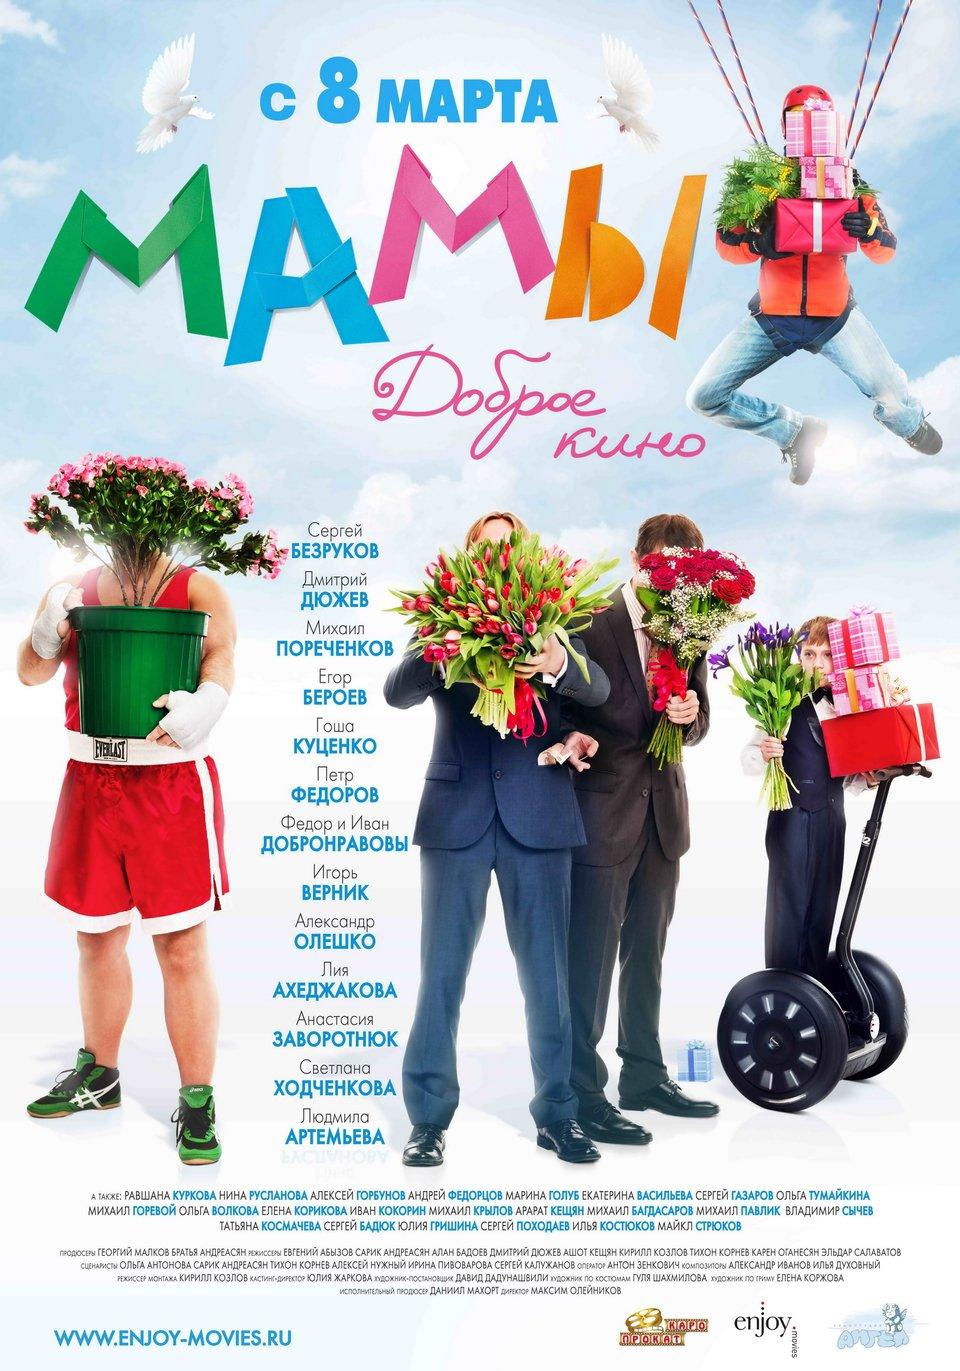 Мамы (2012) - Torrentino Поисковые тегиСмотреть онлайн Мамы (2012).На